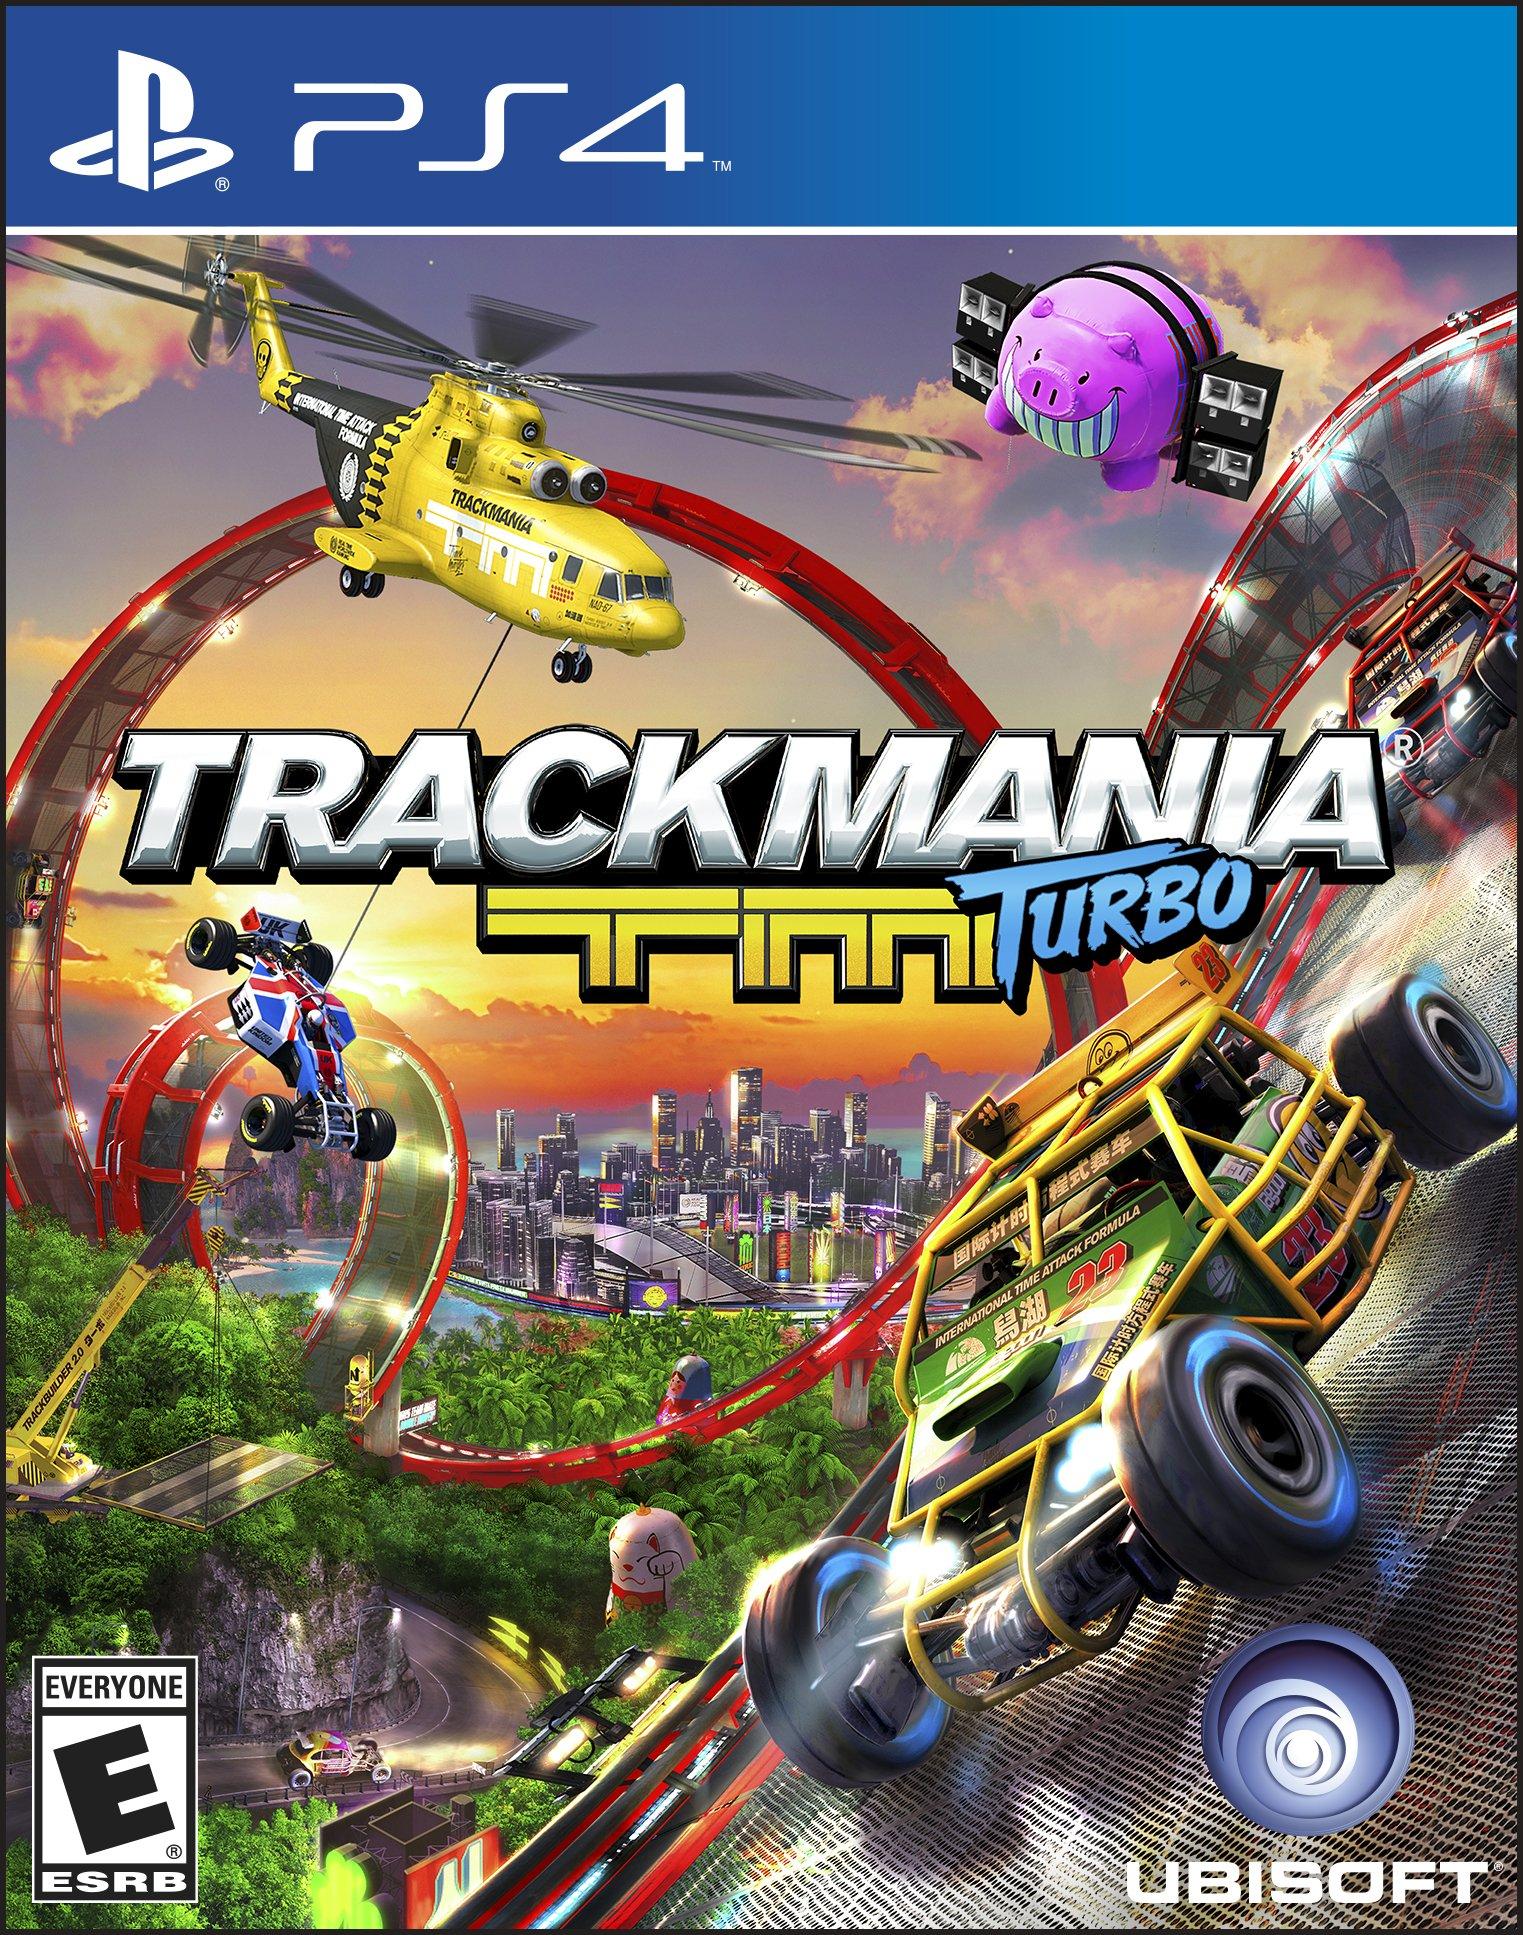 TrackMania Turbo - PlayStation 4